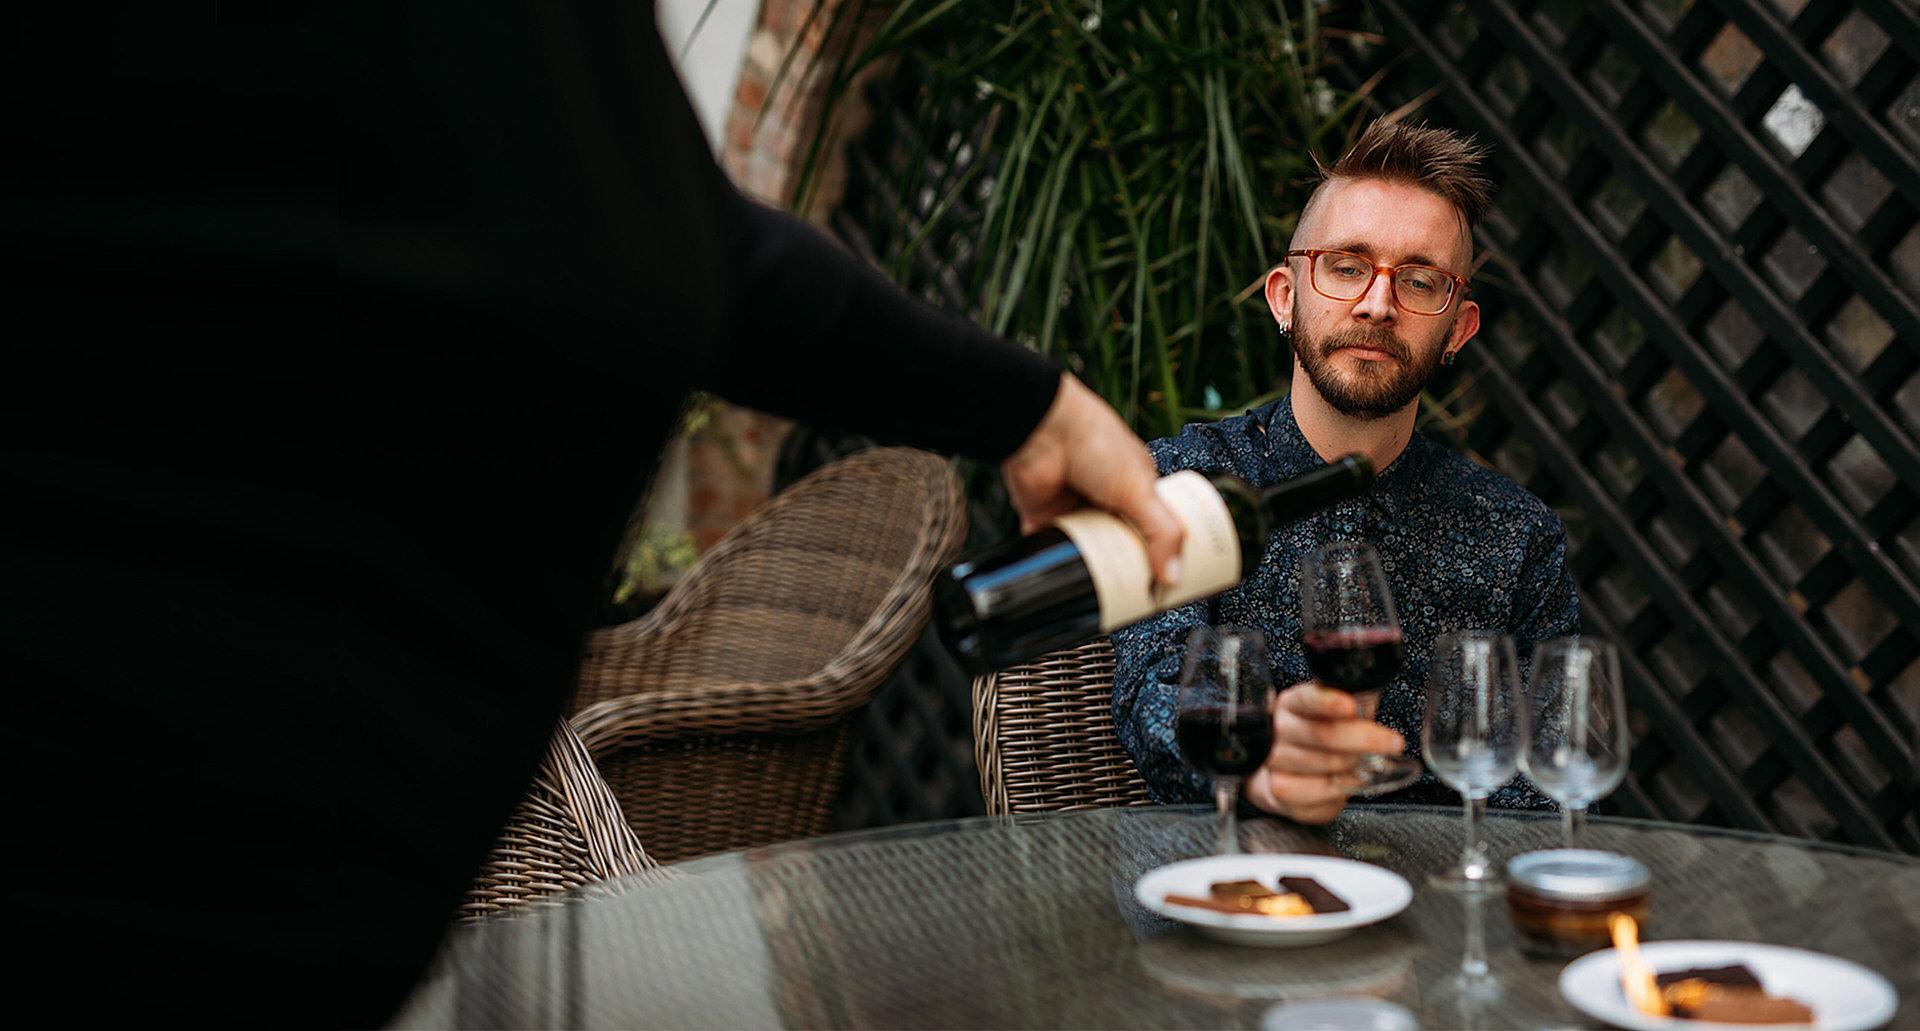 Wine tasting and chocolate pairing